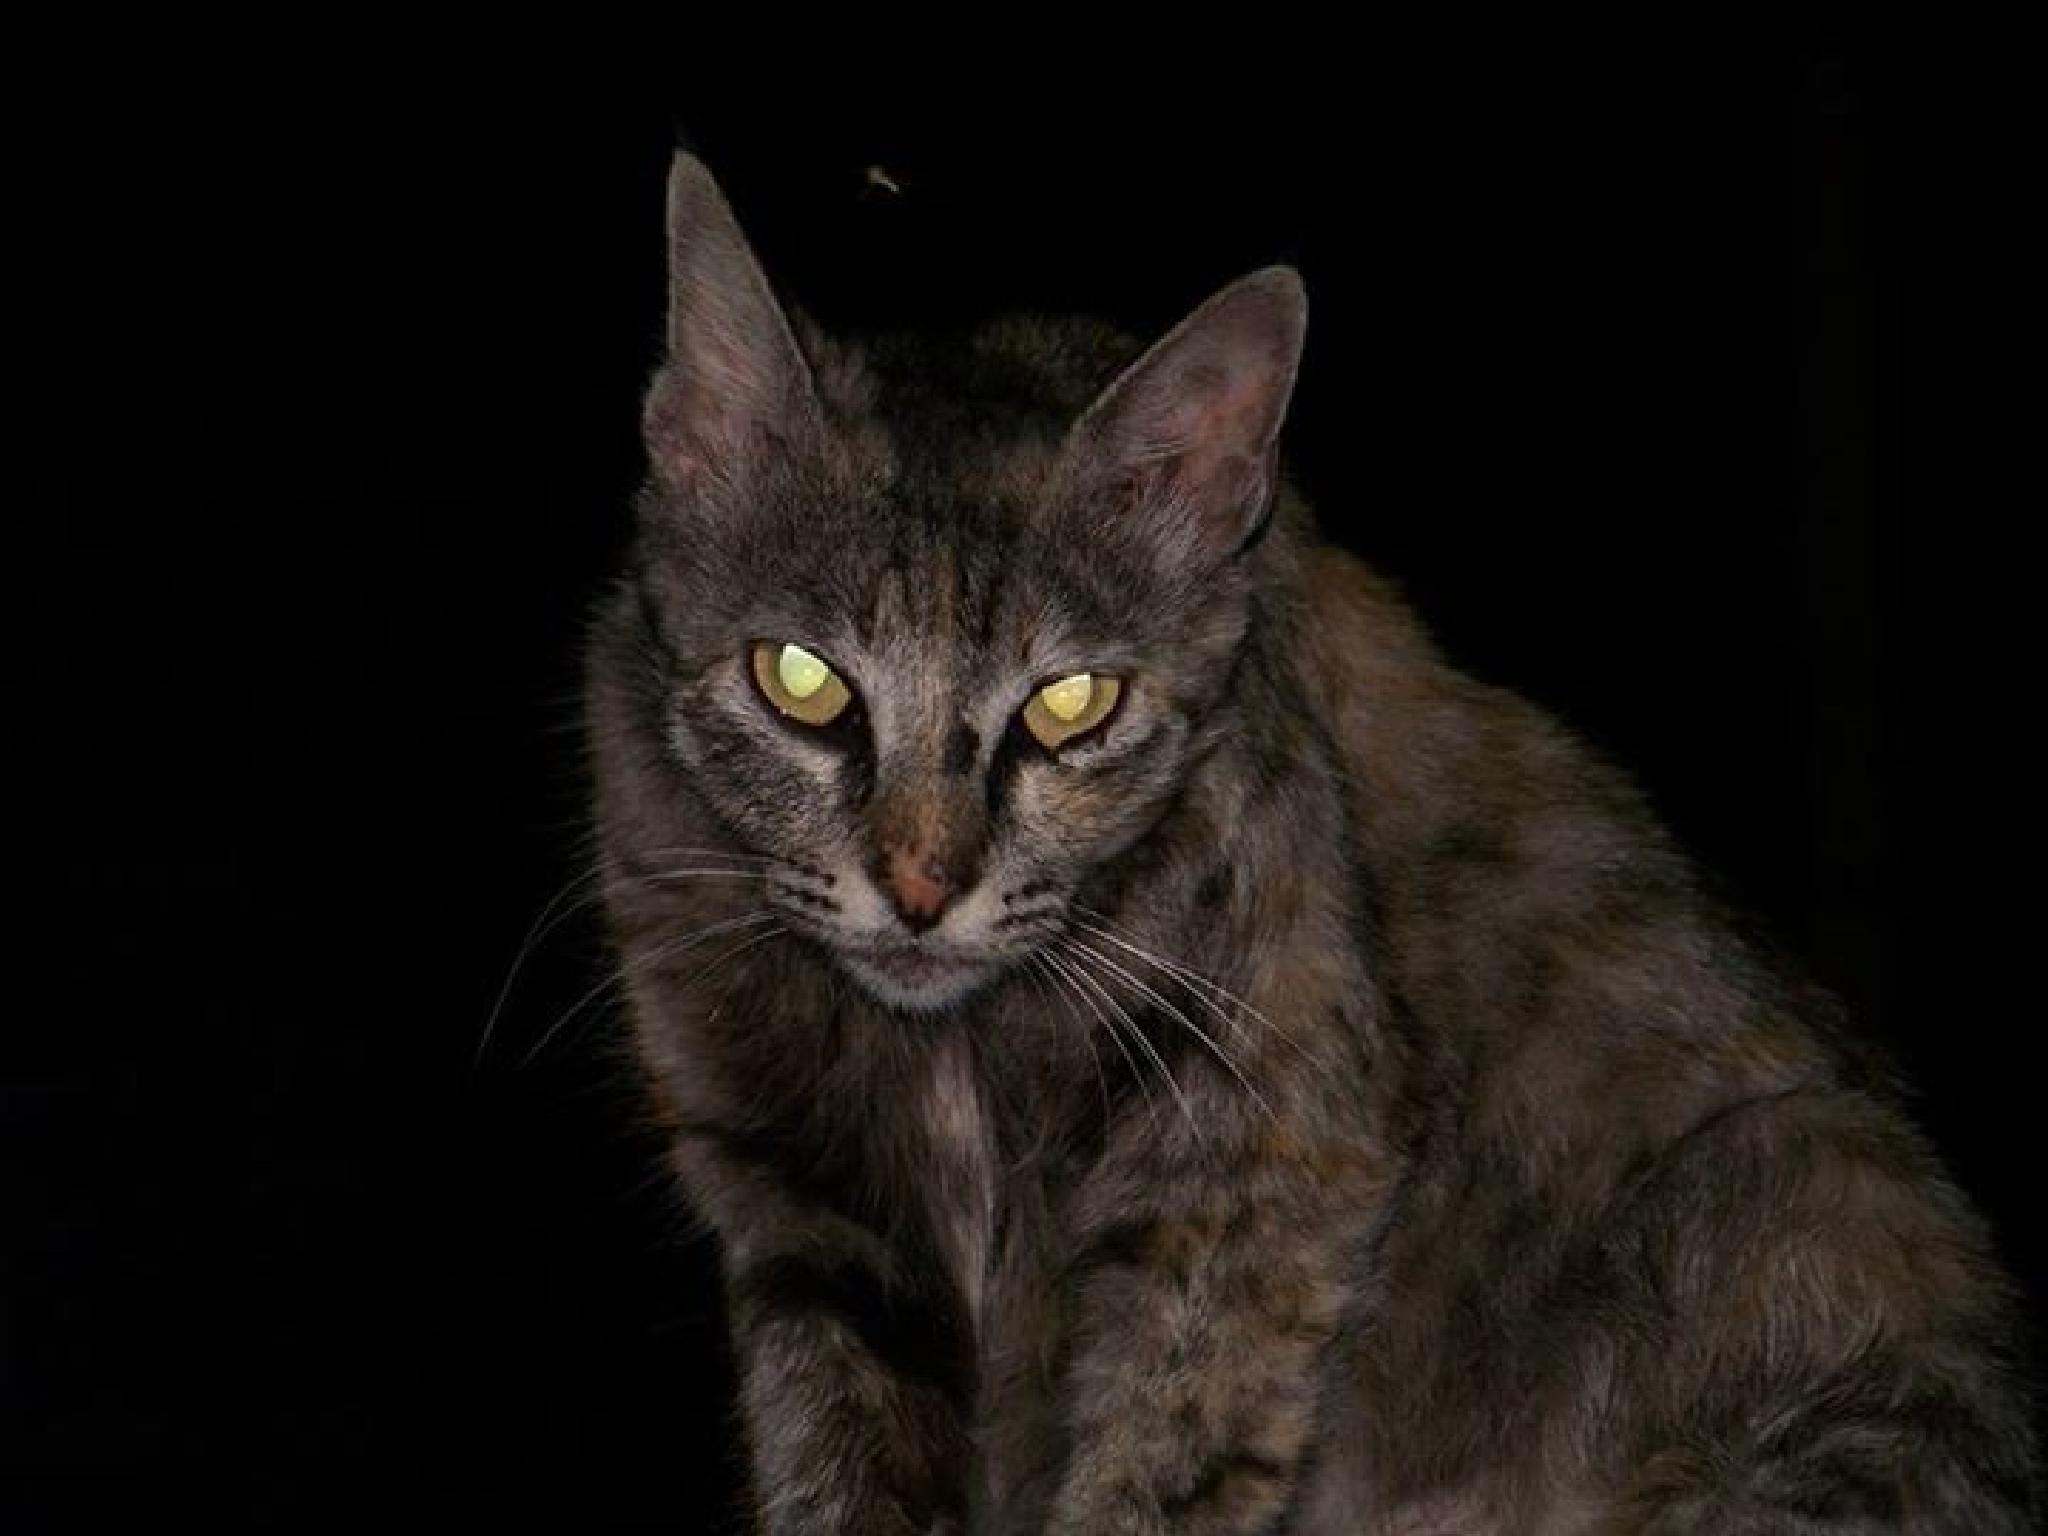 Cat by Sandesh Jadhav